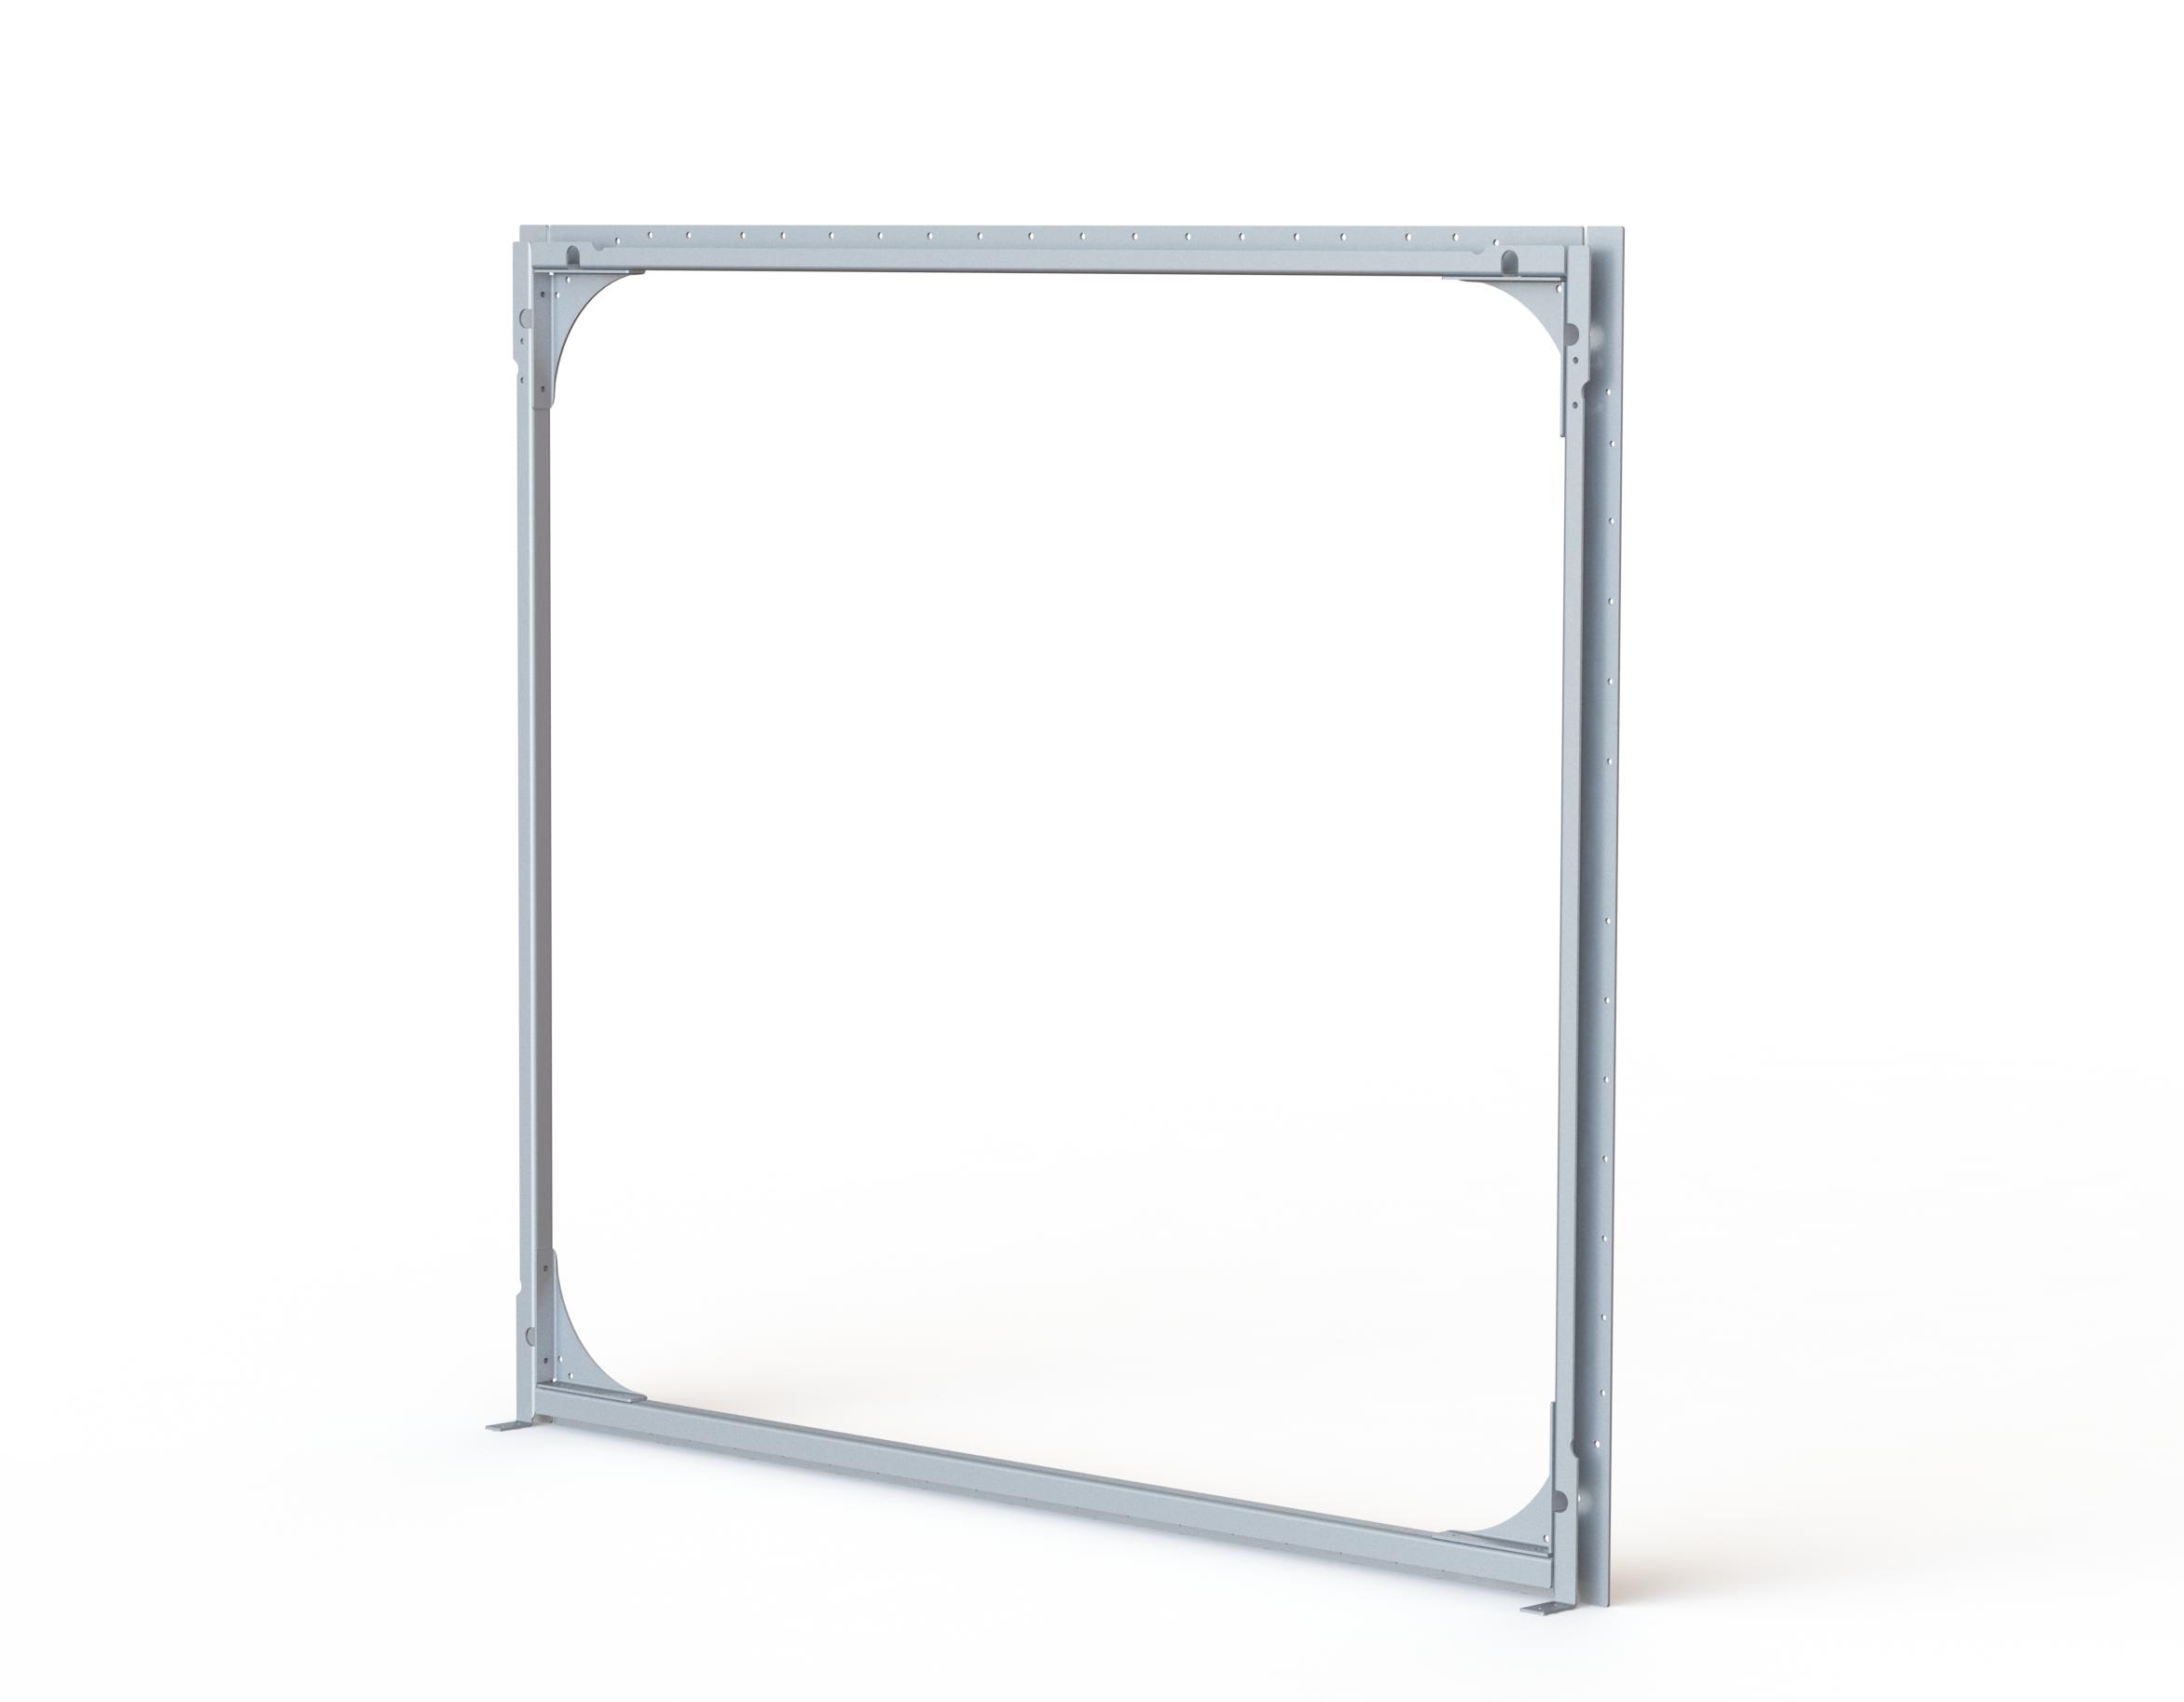 Megacab Structural Frame